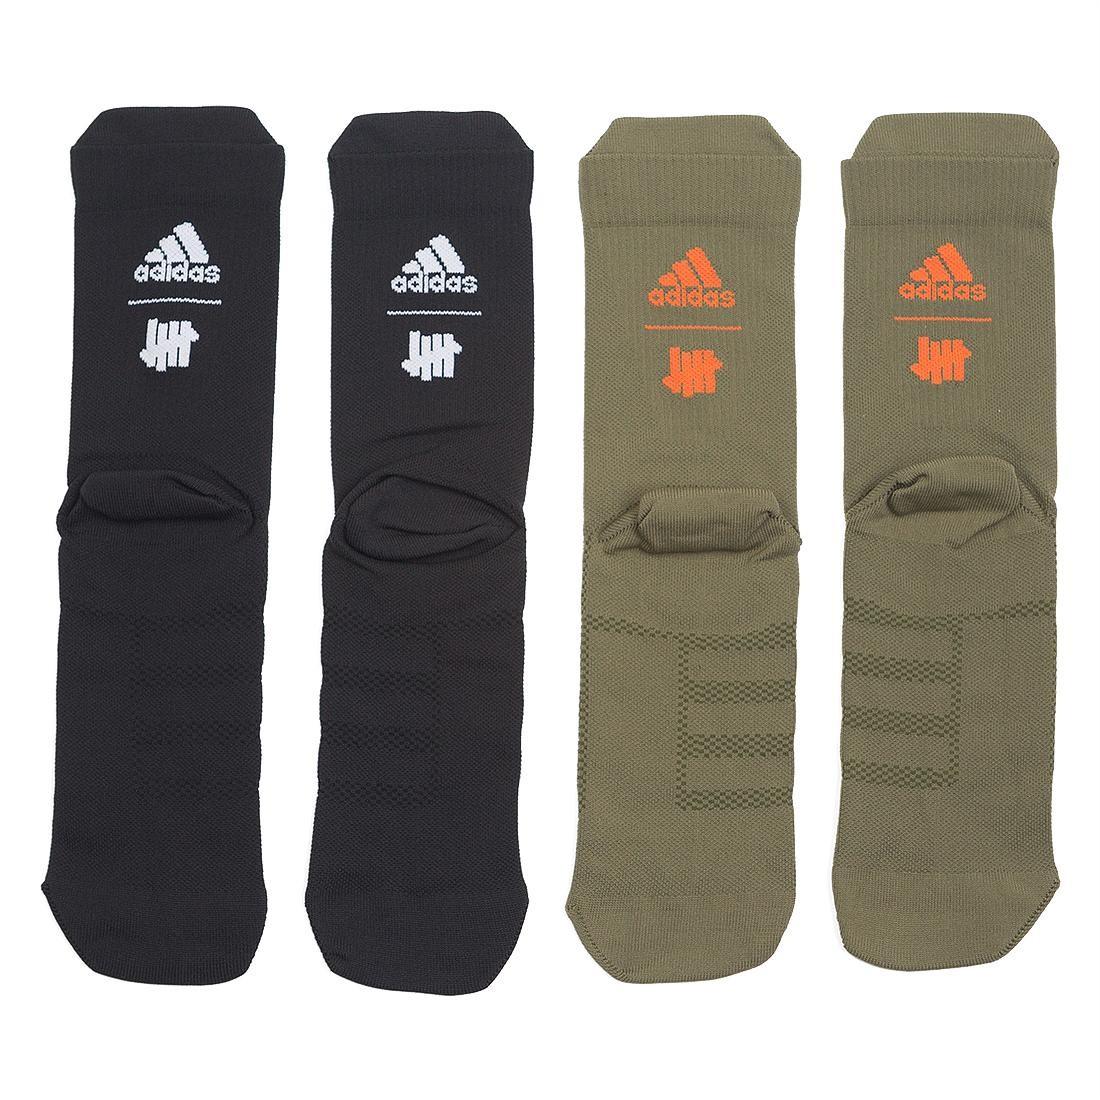 Adidas x Undefeated Men 2 Pairs Socks (black / olive cargo / orange / white)